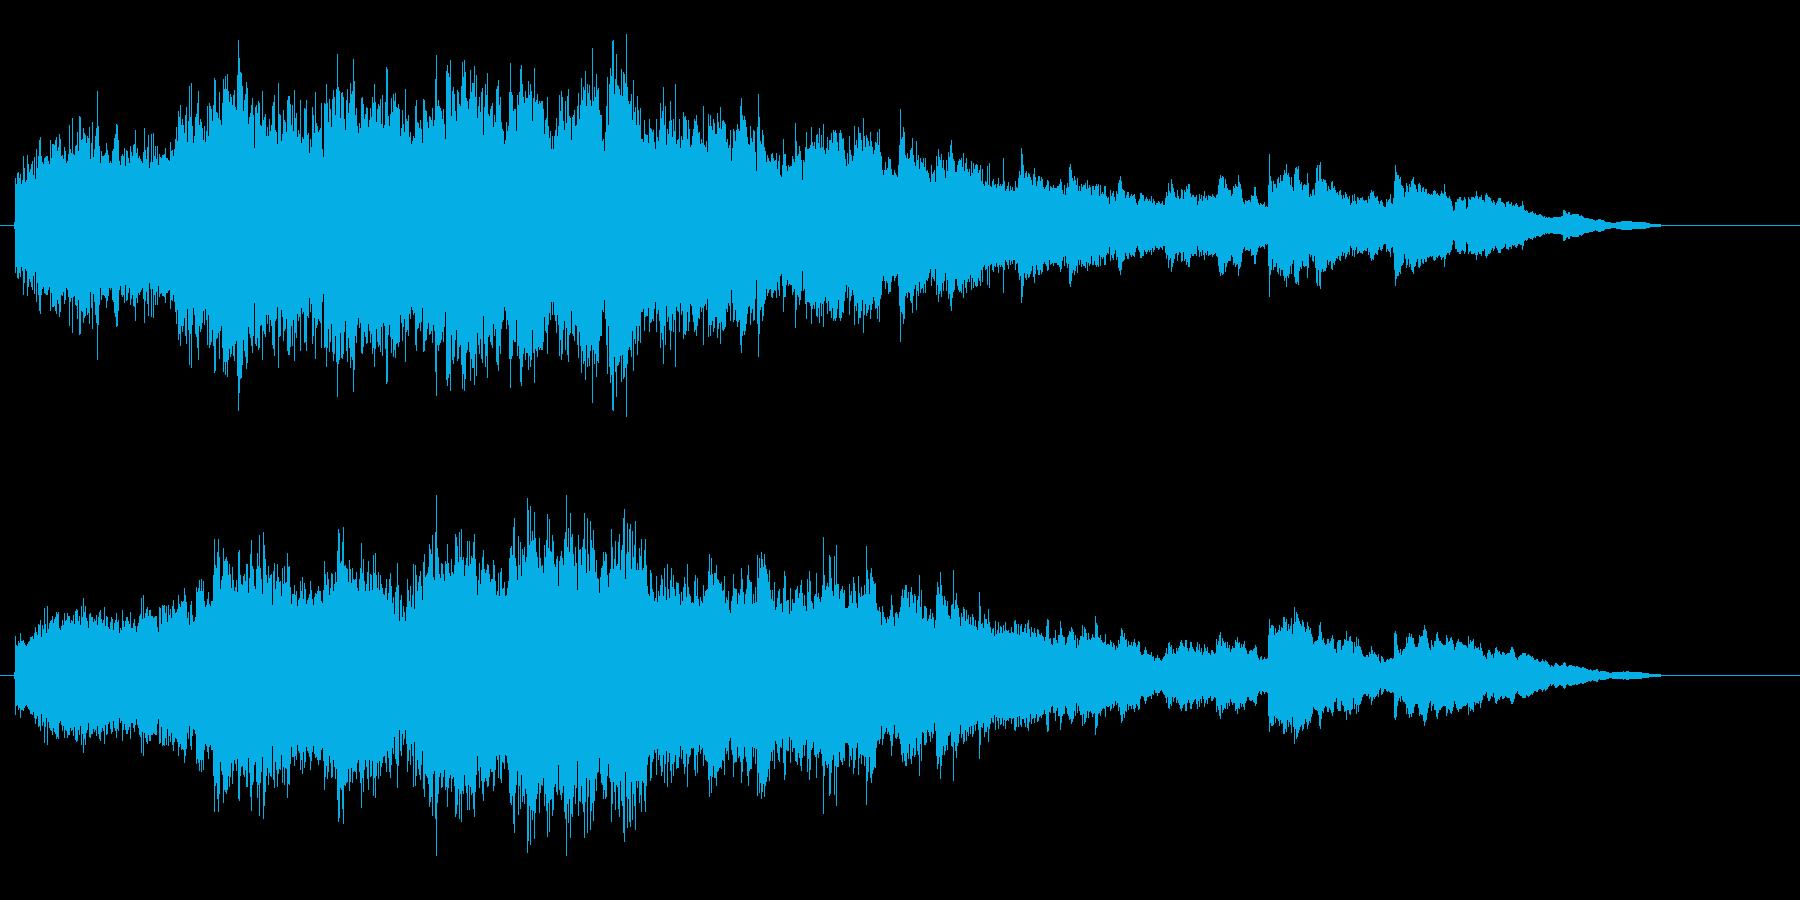 ブライダル・パフォーマンス向けピアノの再生済みの波形